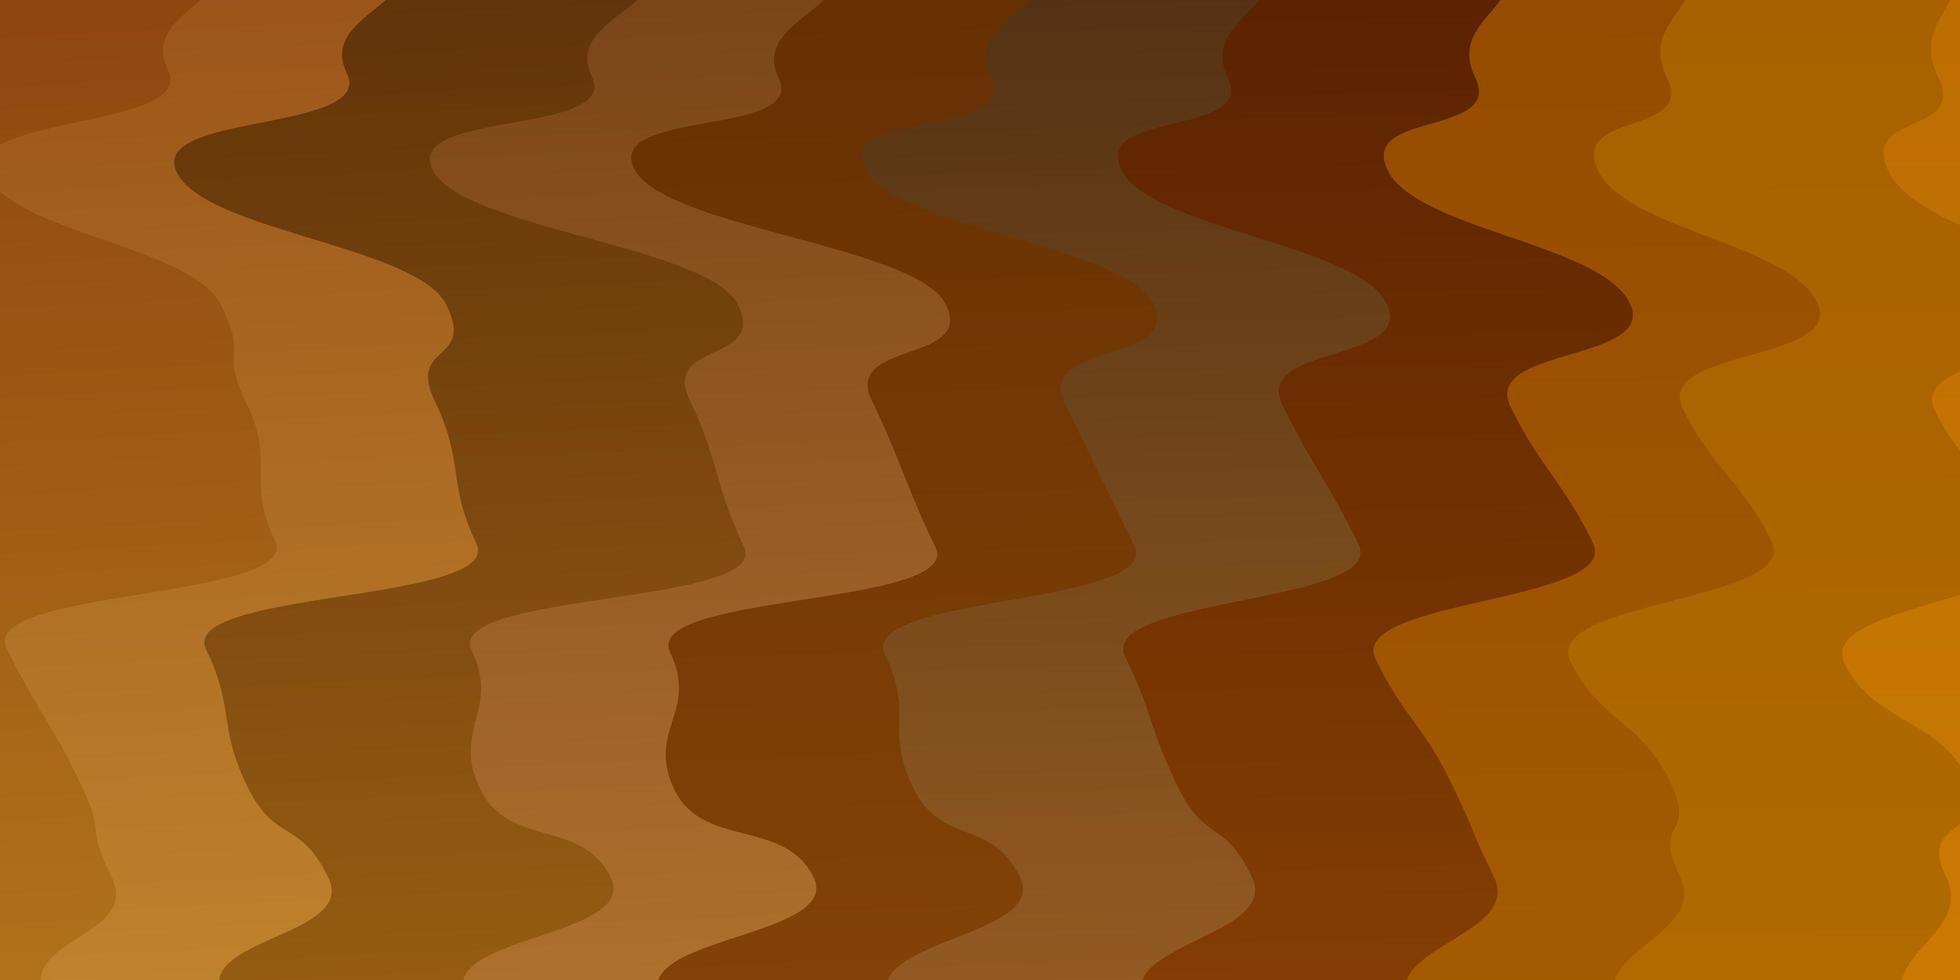 modelo de vetor laranja claro com curvas.